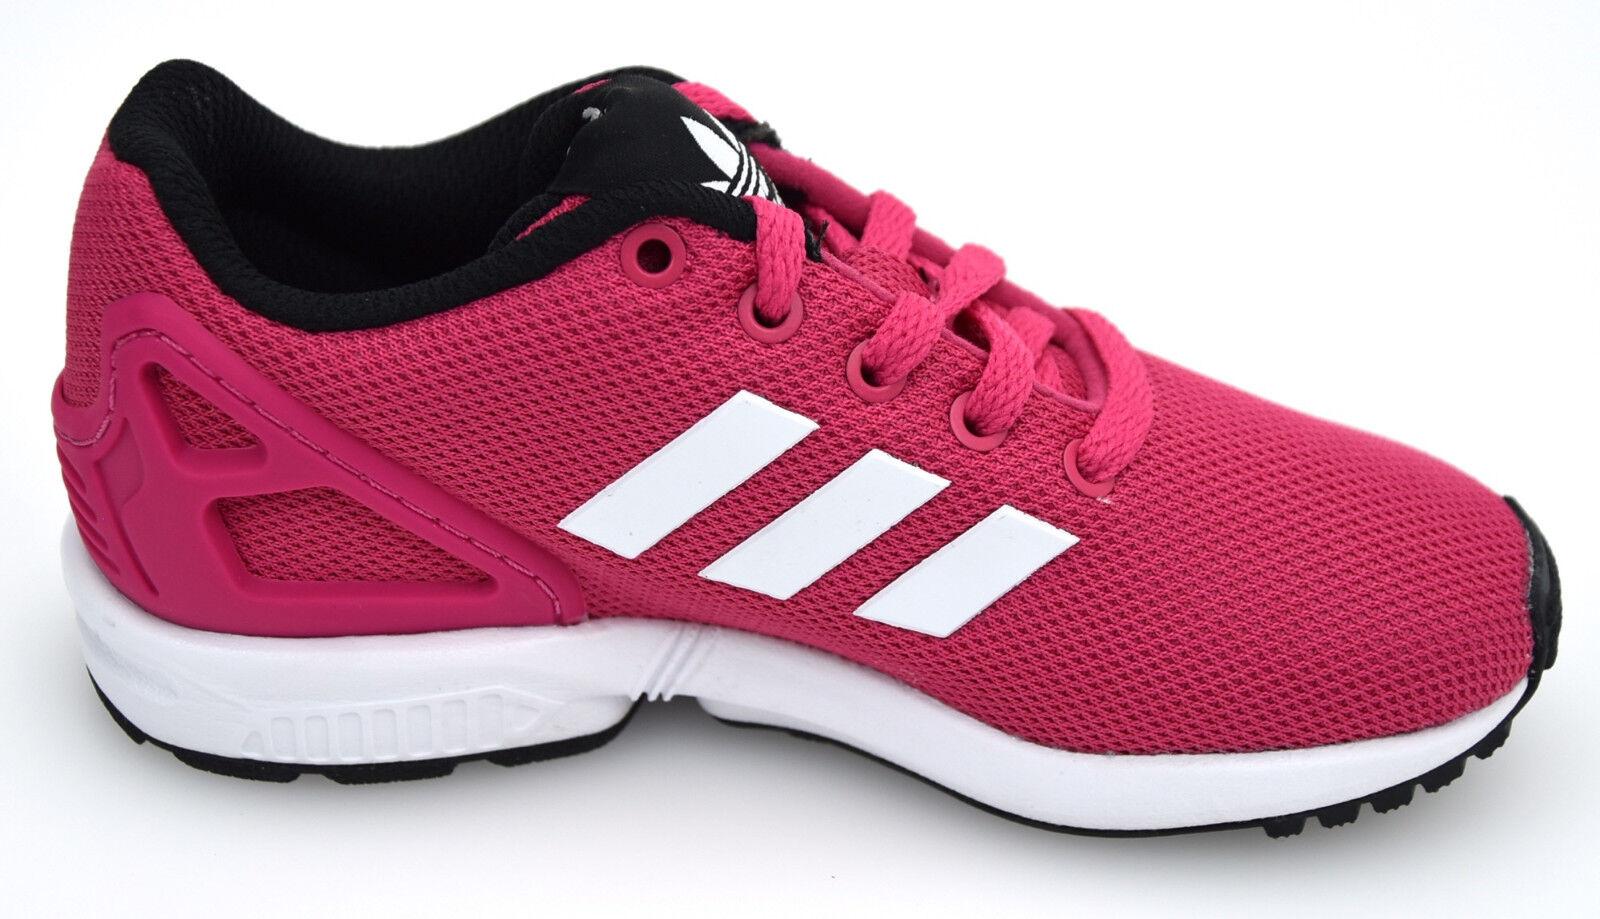 Womens Adidas ZX FLUX  K Neu Rot   FLUX Gr:38 S74952 Sneaker schuhe tubular samba 525d9b